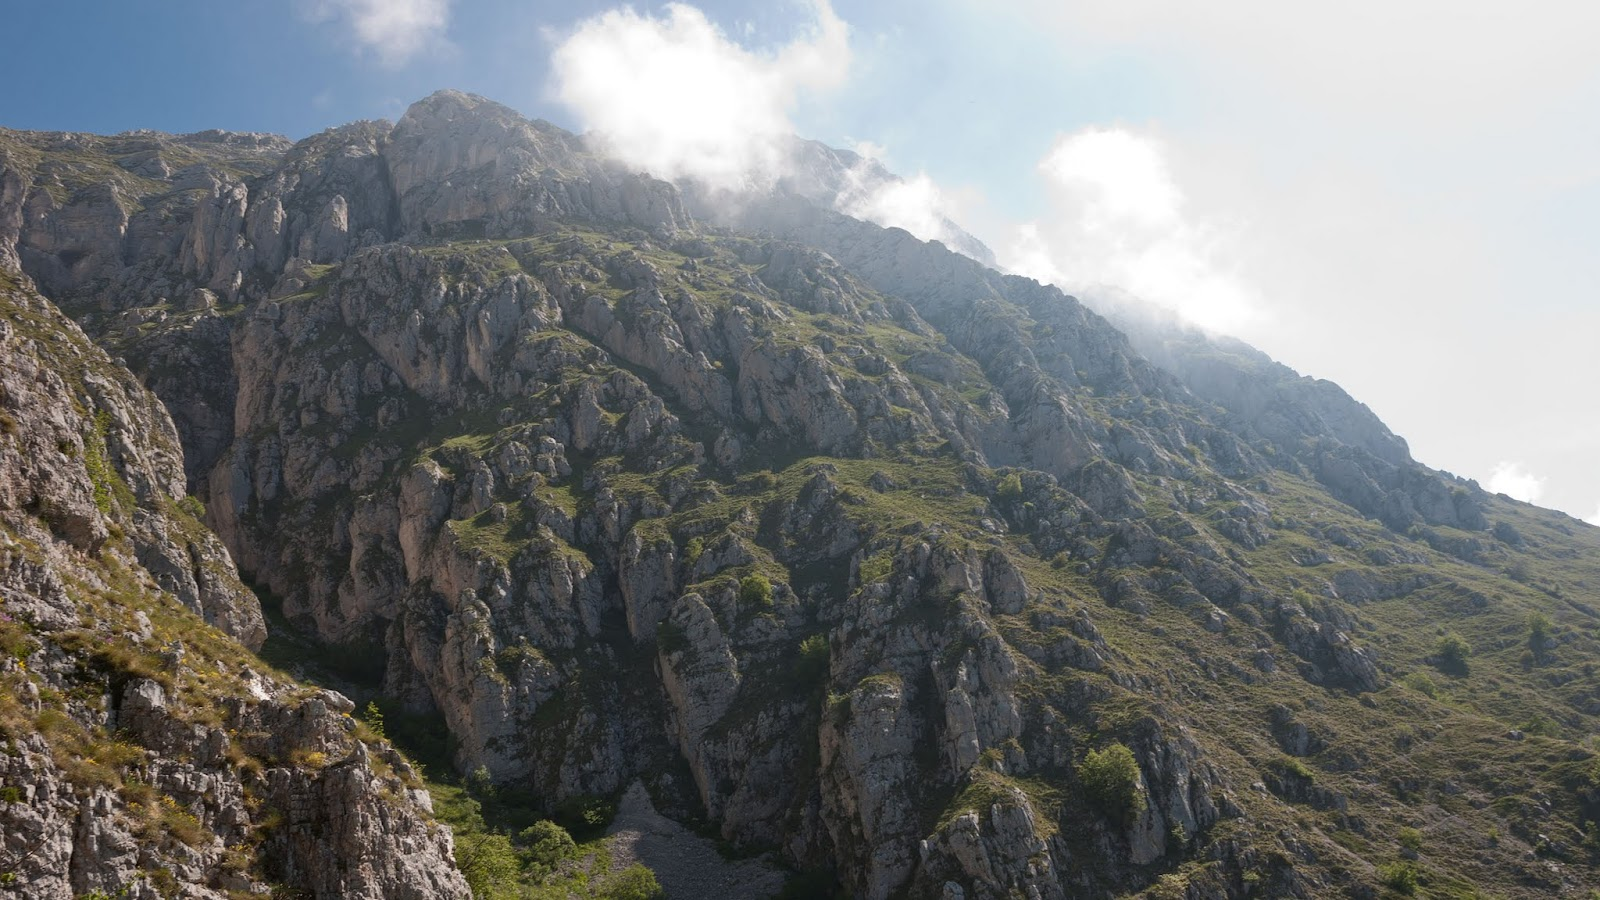 Monte Cafornia